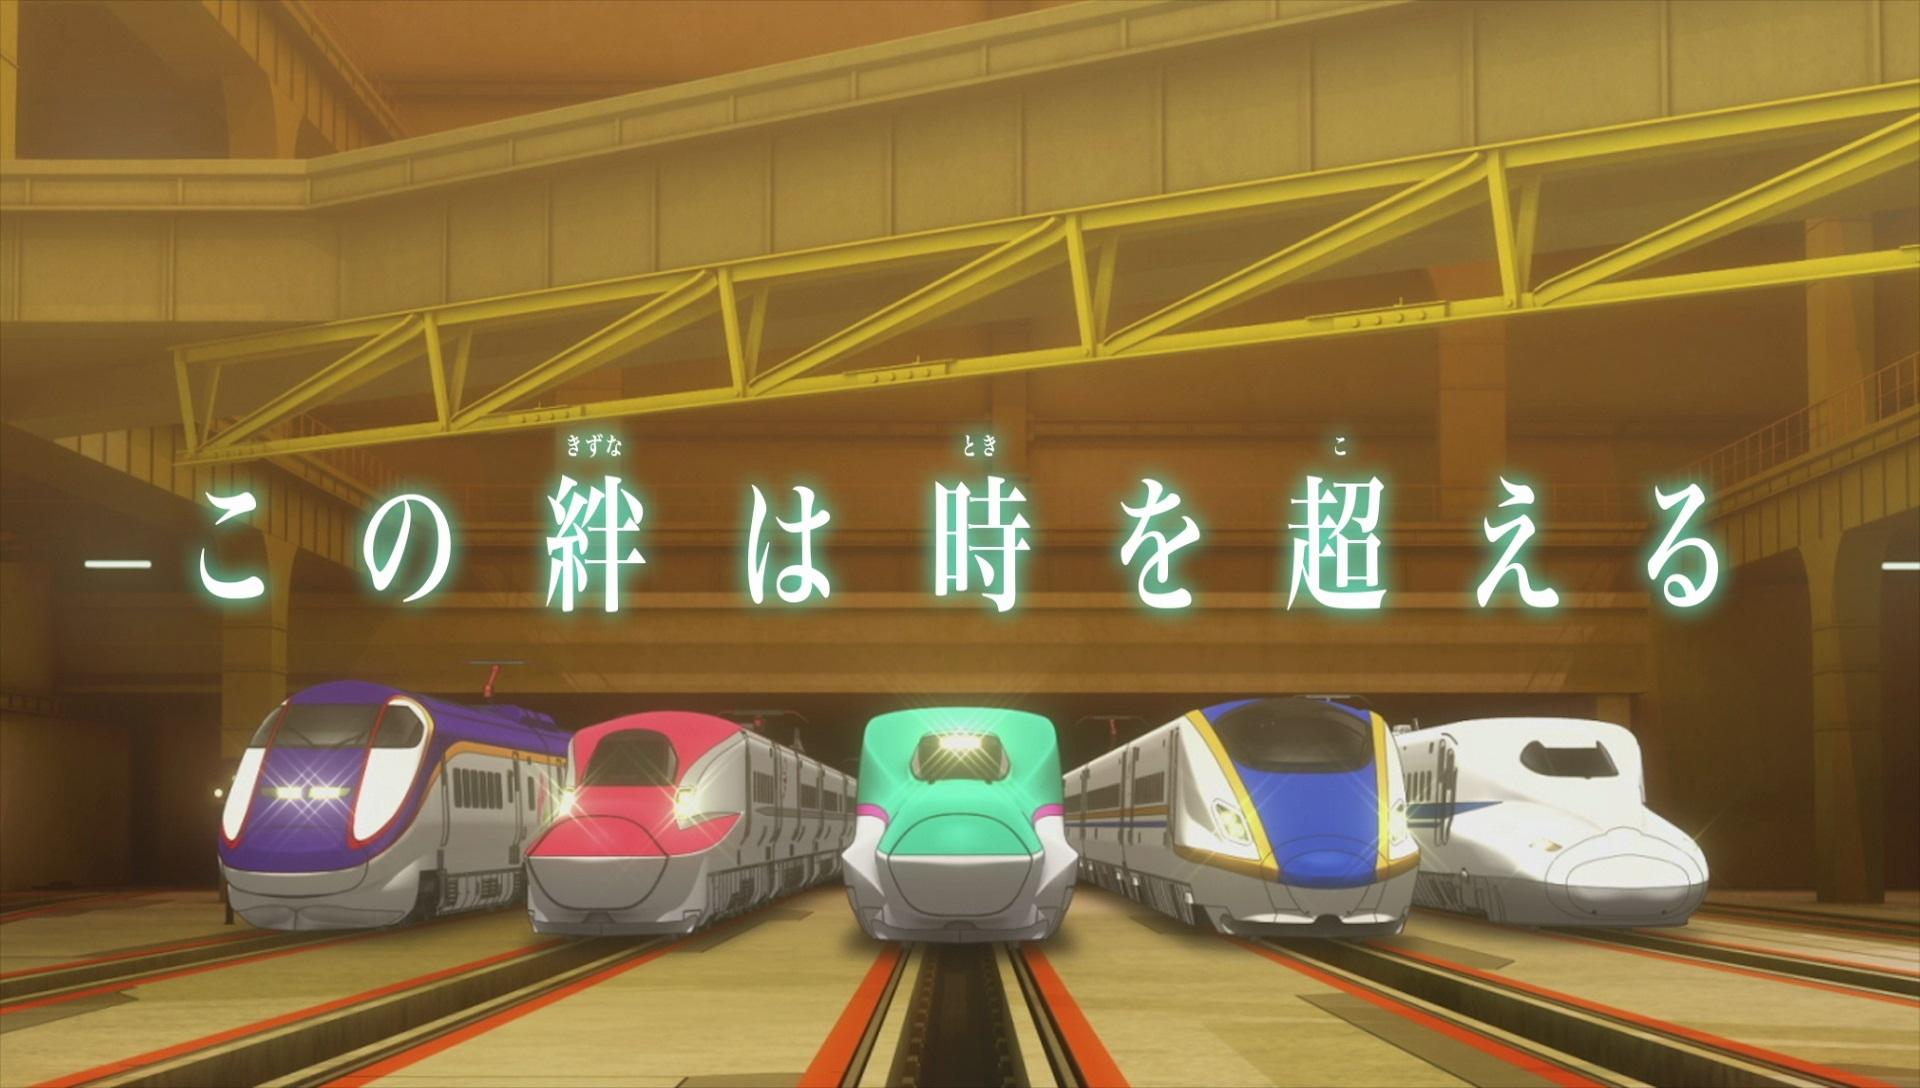 『新幹線変形ロボ シンカリオン』2019年12月映画化決定! 声優・佐倉綾音さんと池添隆博監督のコメント、特報映像も到着